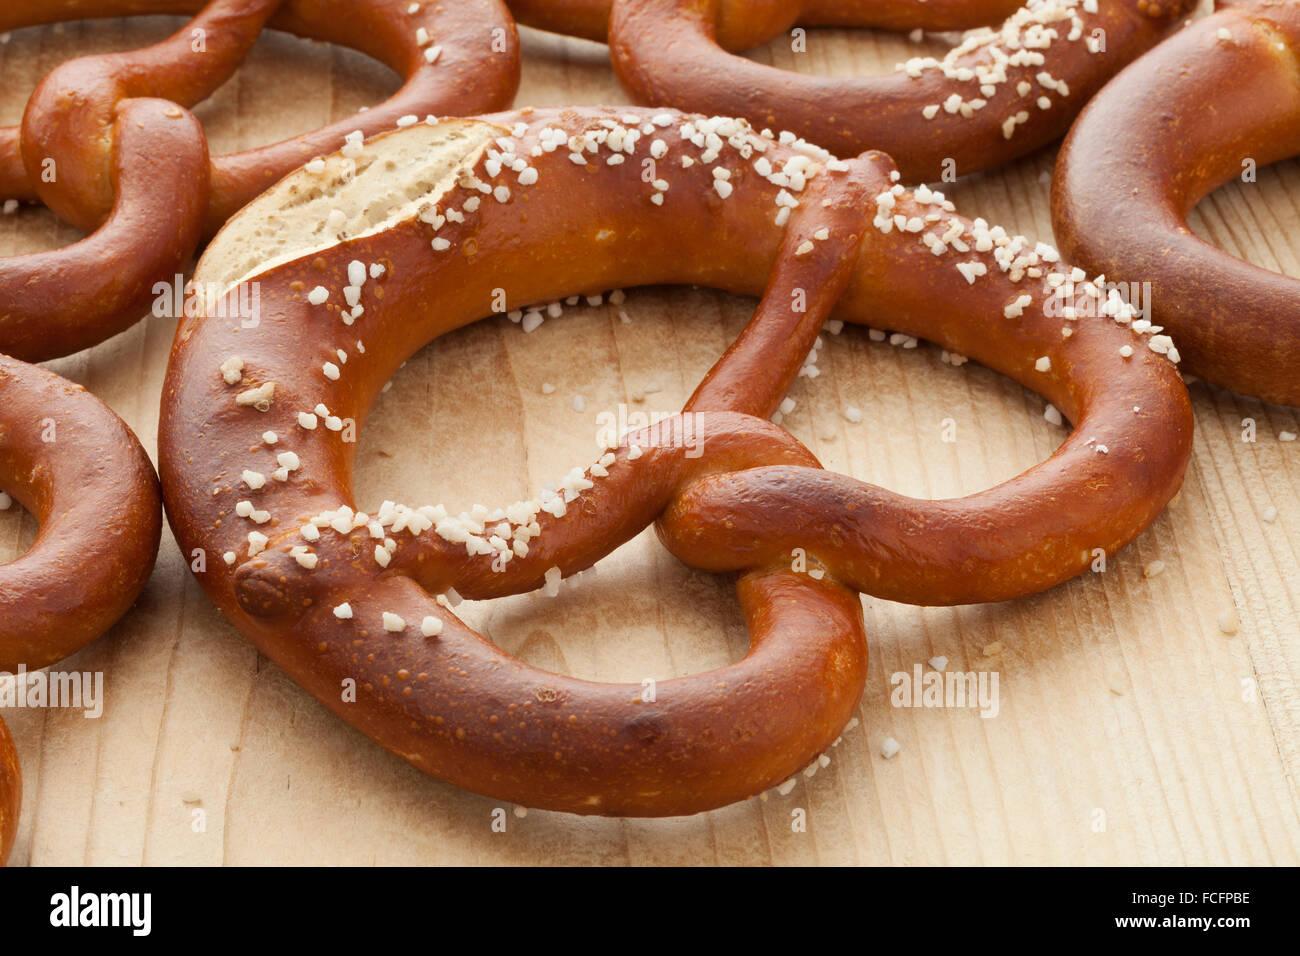 Fresca pretzel morbidi con sale Immagini Stock